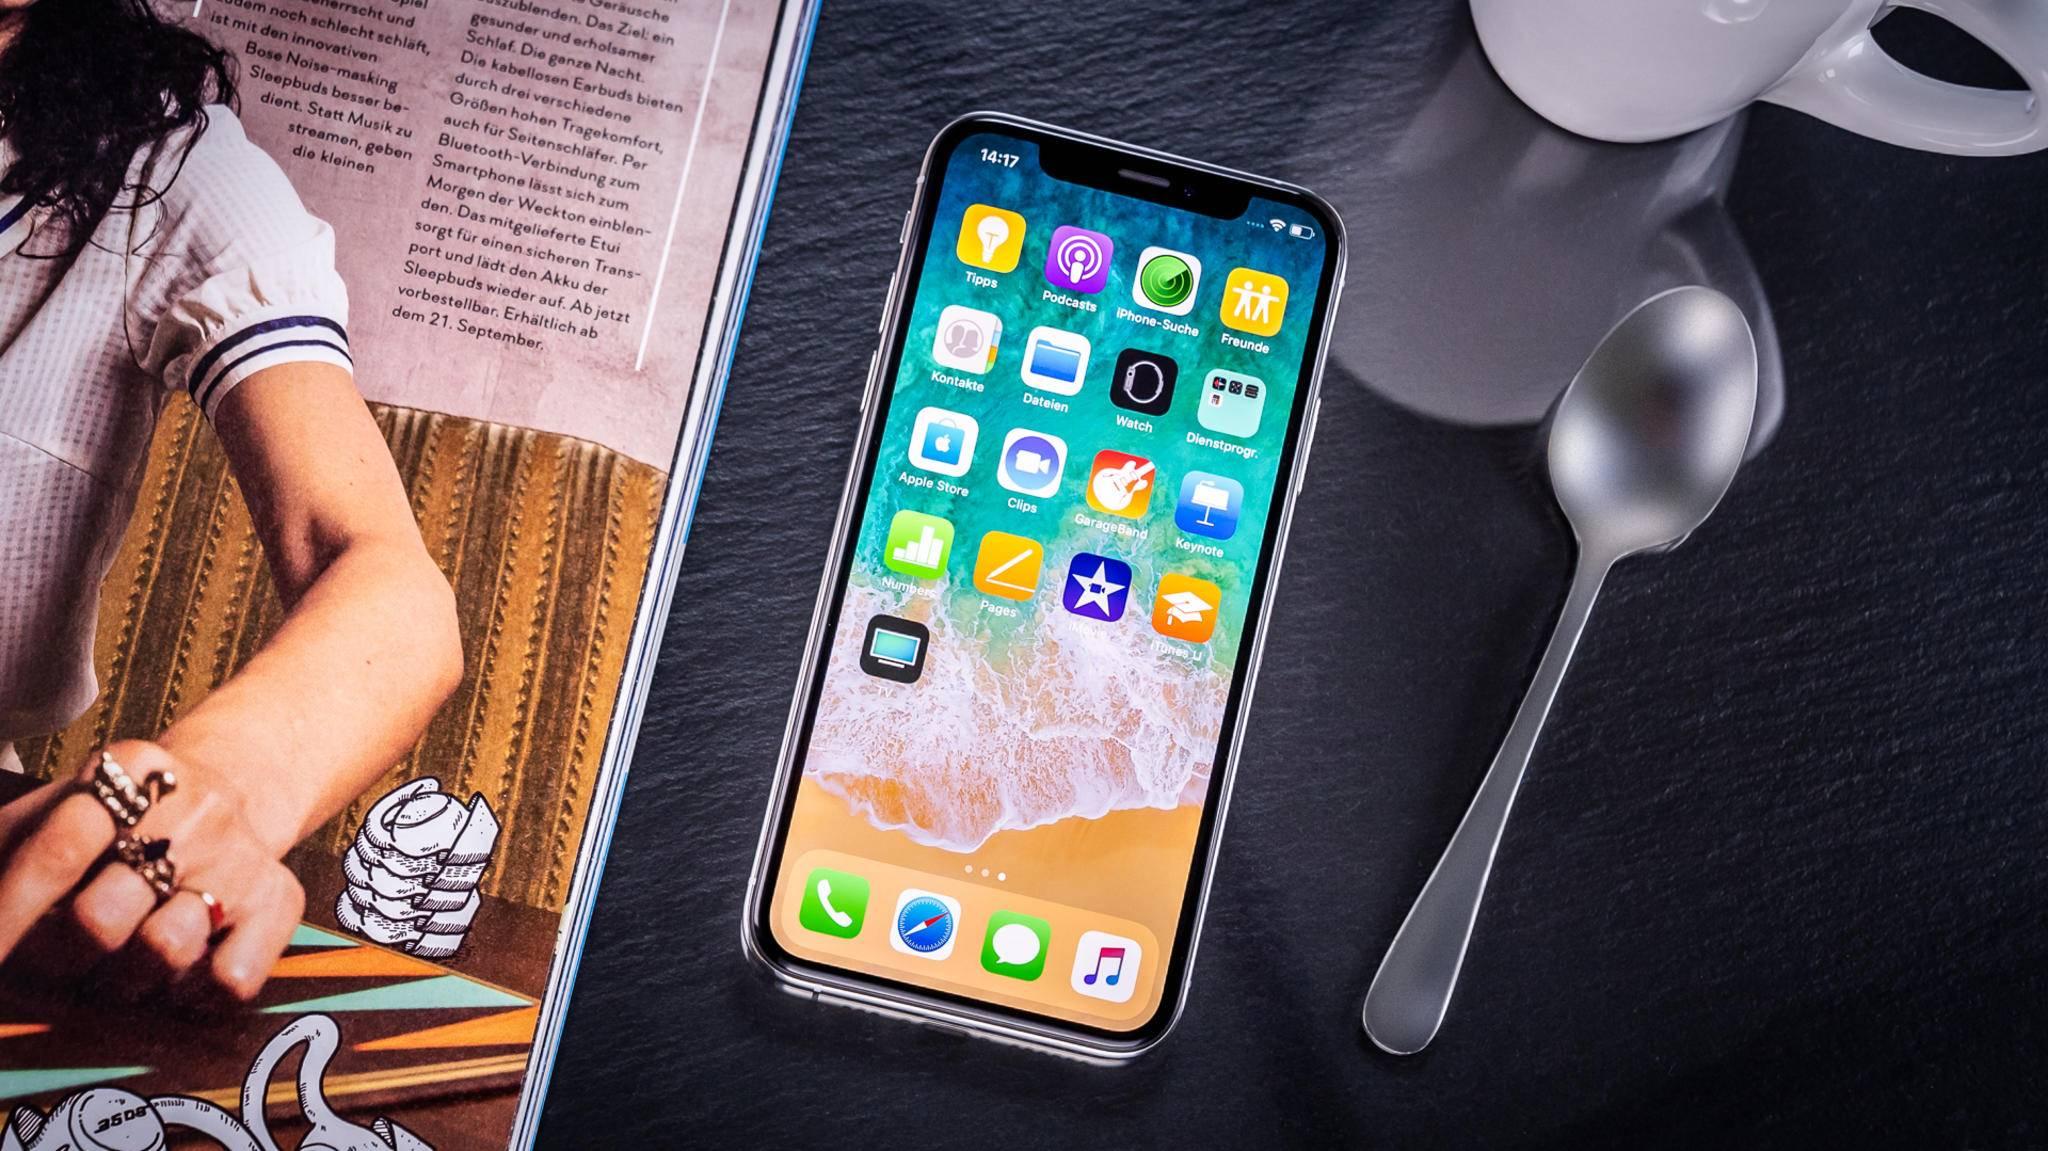 So schön sieht das iPhone XS nach einem Sturz wohl nicht mehr aus.